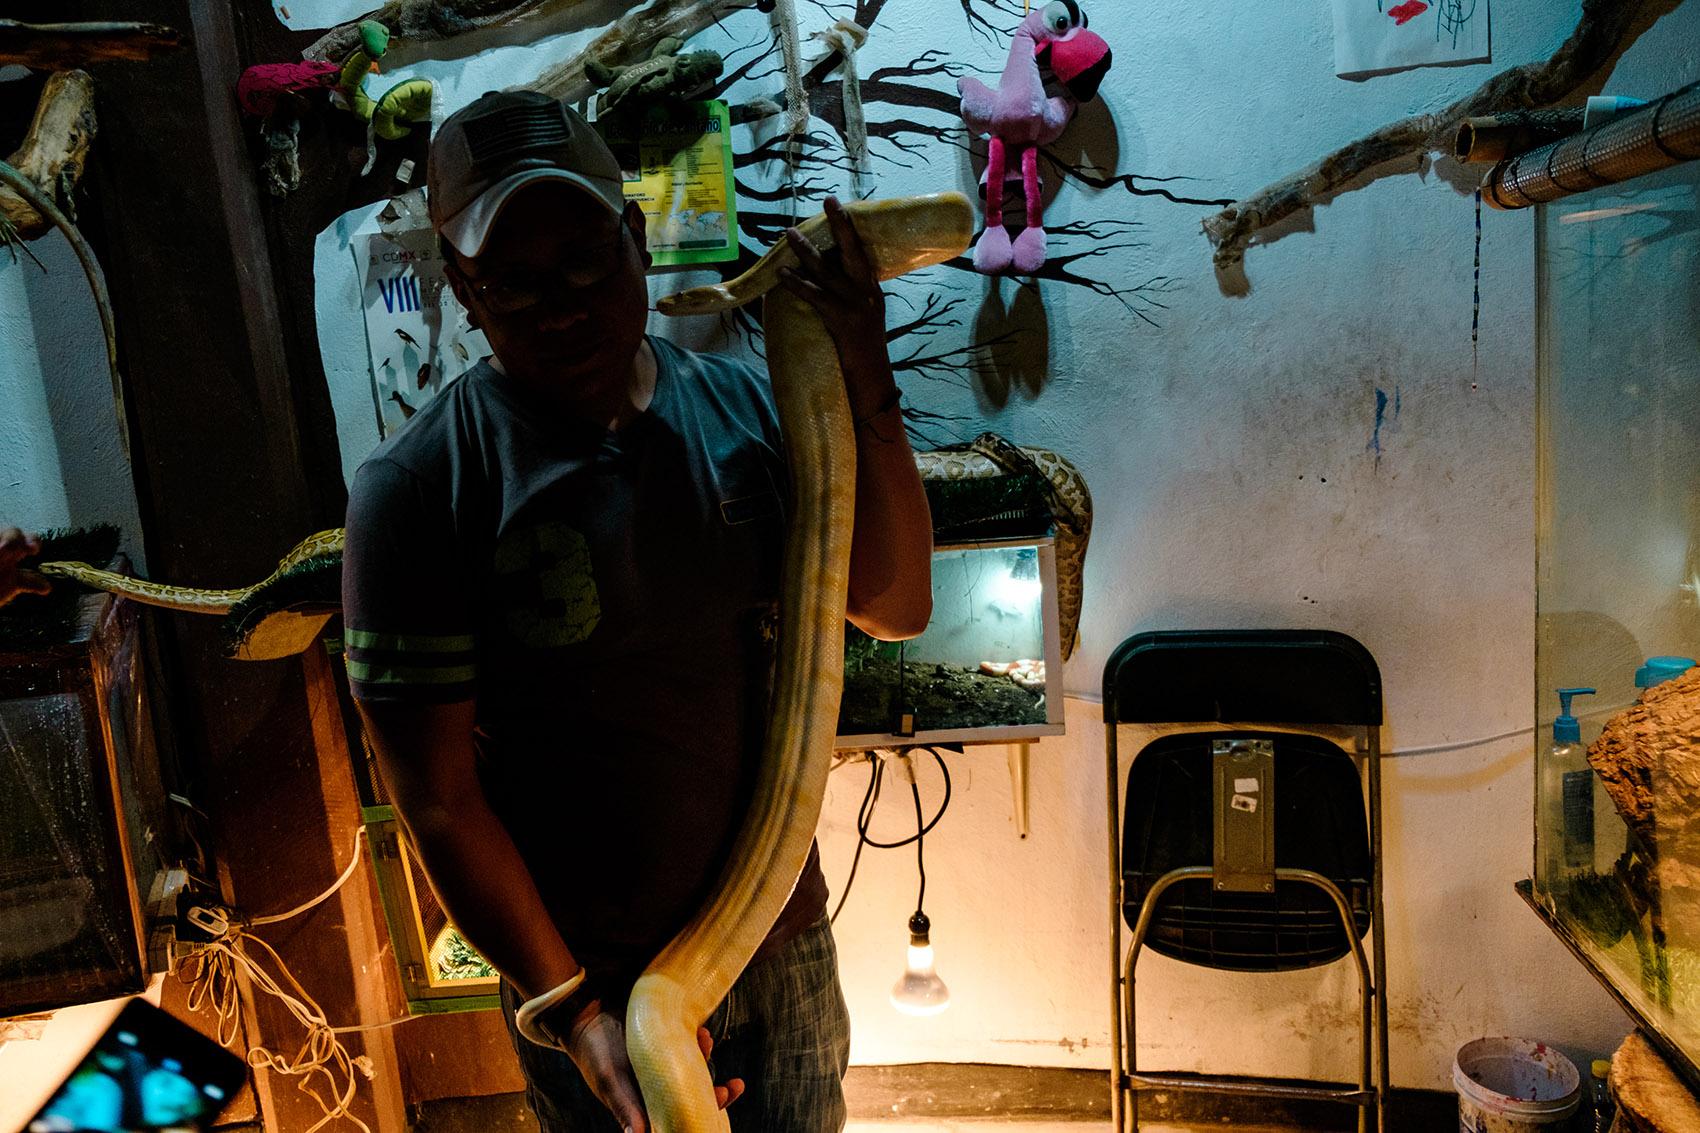 El Rey de la Serpiente por Ockesaid a.k.a Joel Lugo - Street Photographer